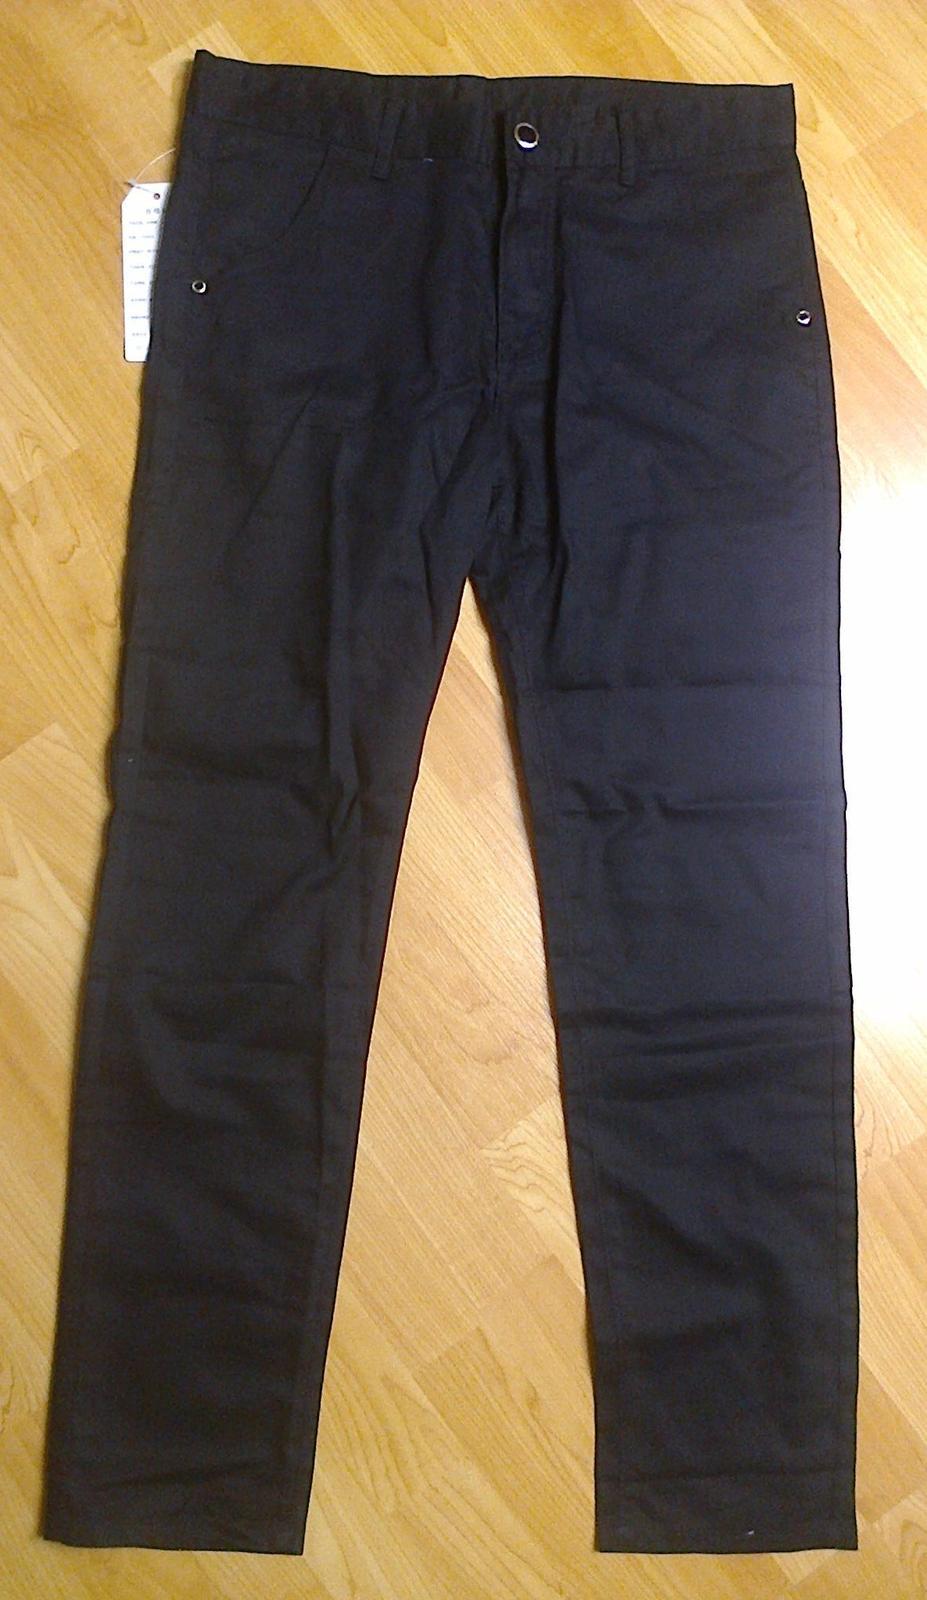 Pánské černé kalhoty  - Obrázek č. 1